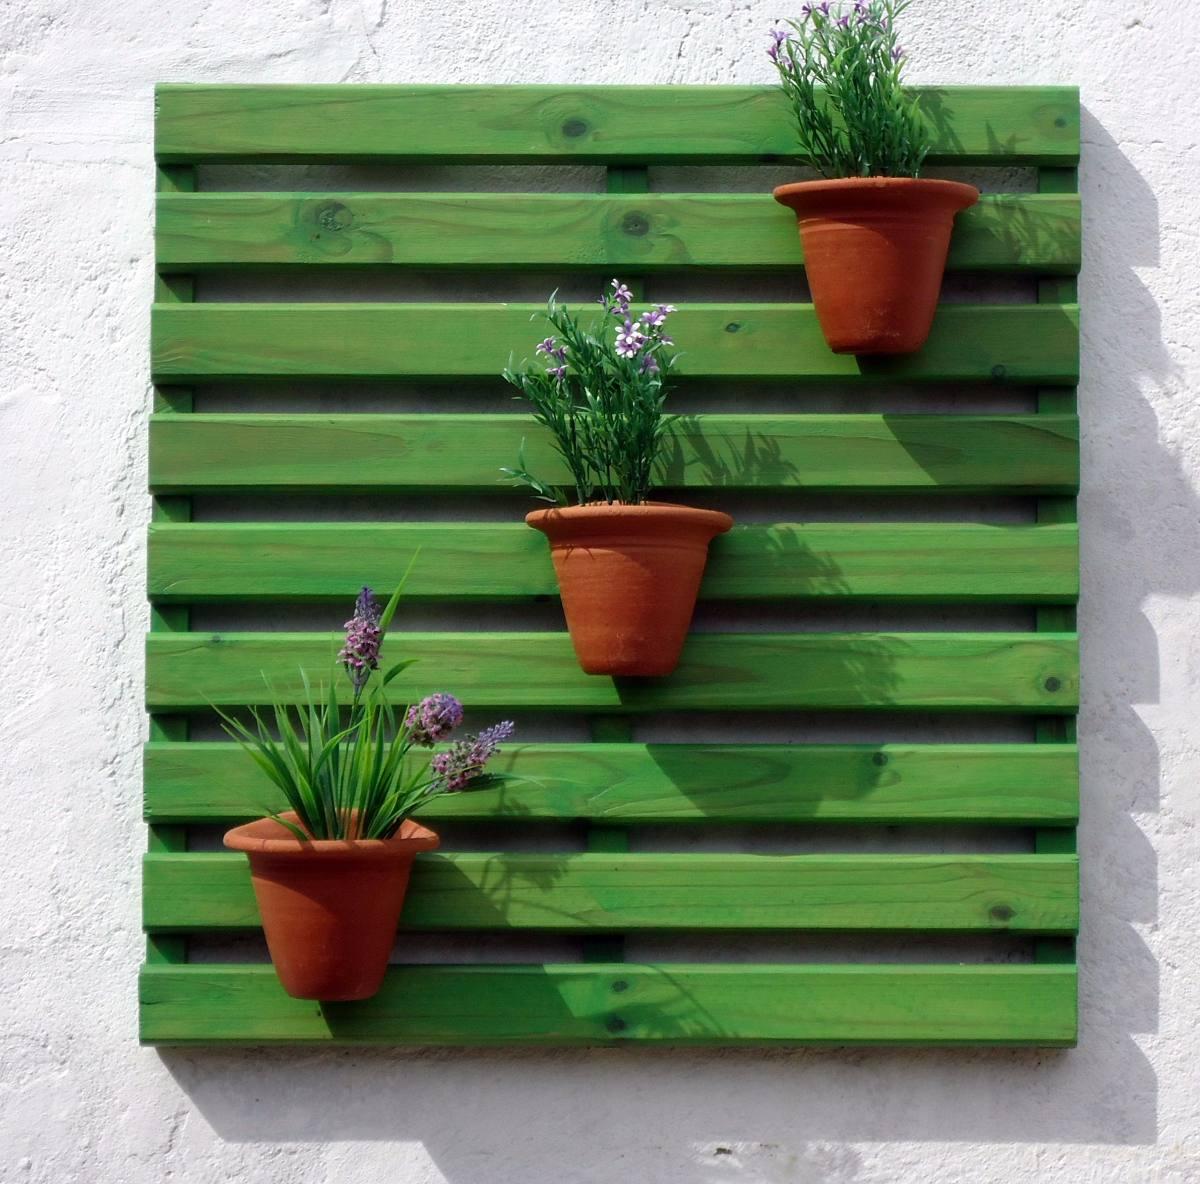 Preço De Fazer Painel De Madeira Para Tv Pictures to pin on Pinterest #742F1B 1200x1184